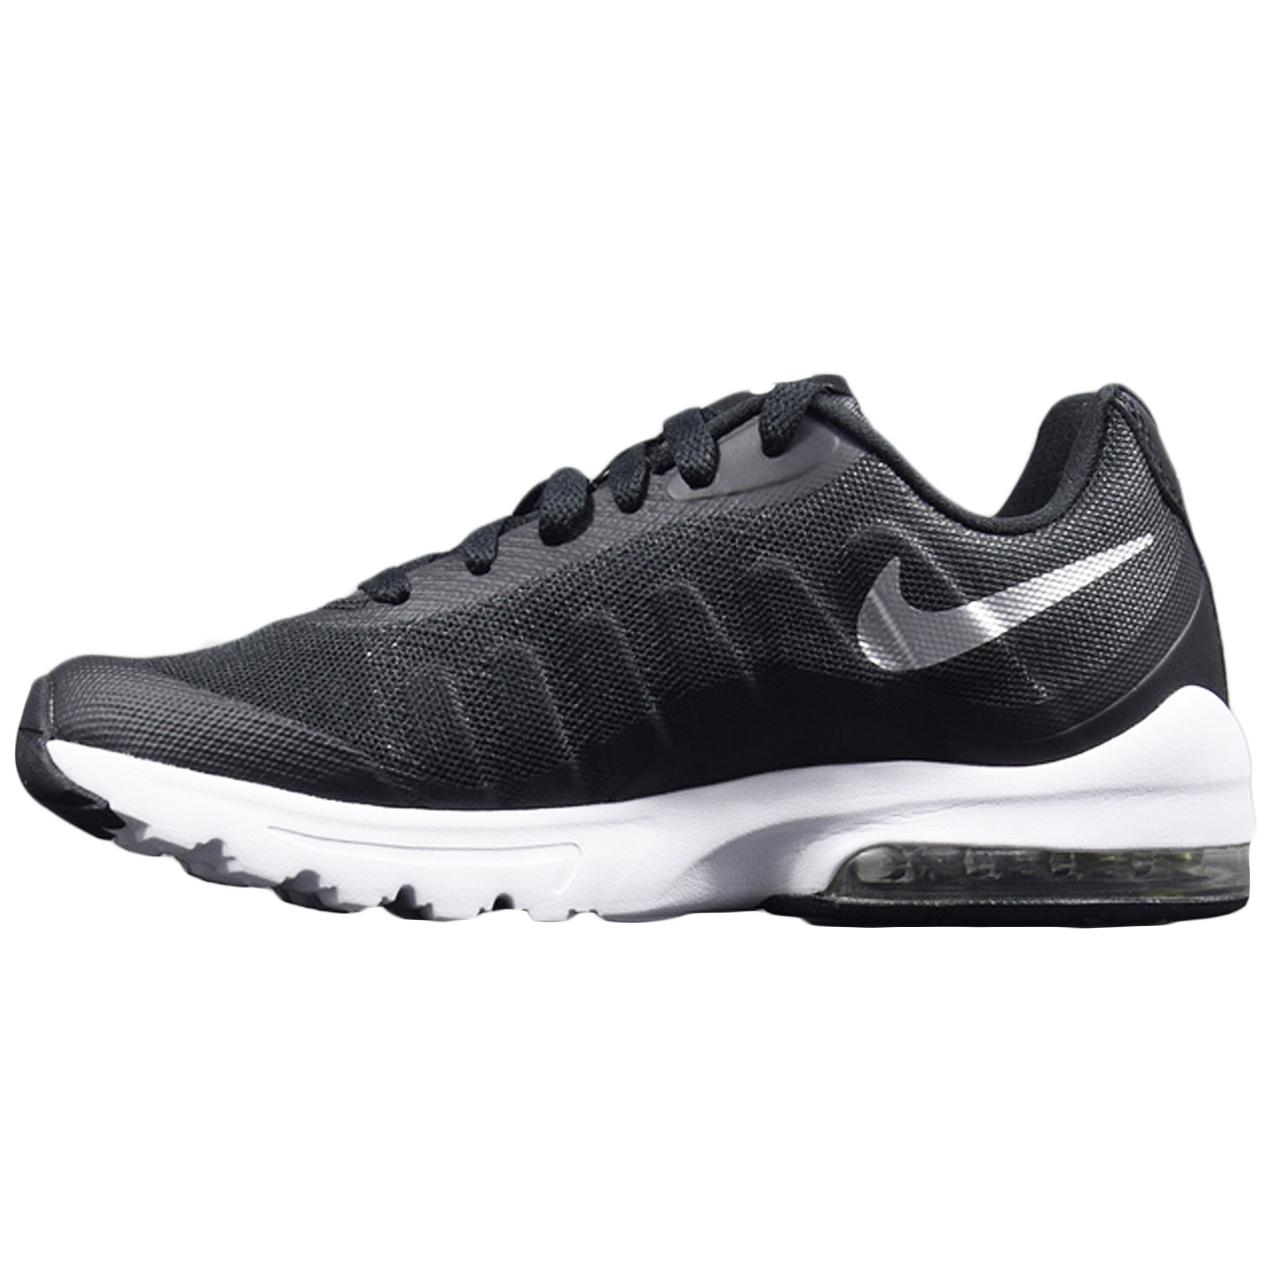 قیمت کفش ورزشی  مخصوص دویدن و پیاده روی مردانه مدل   Air Max